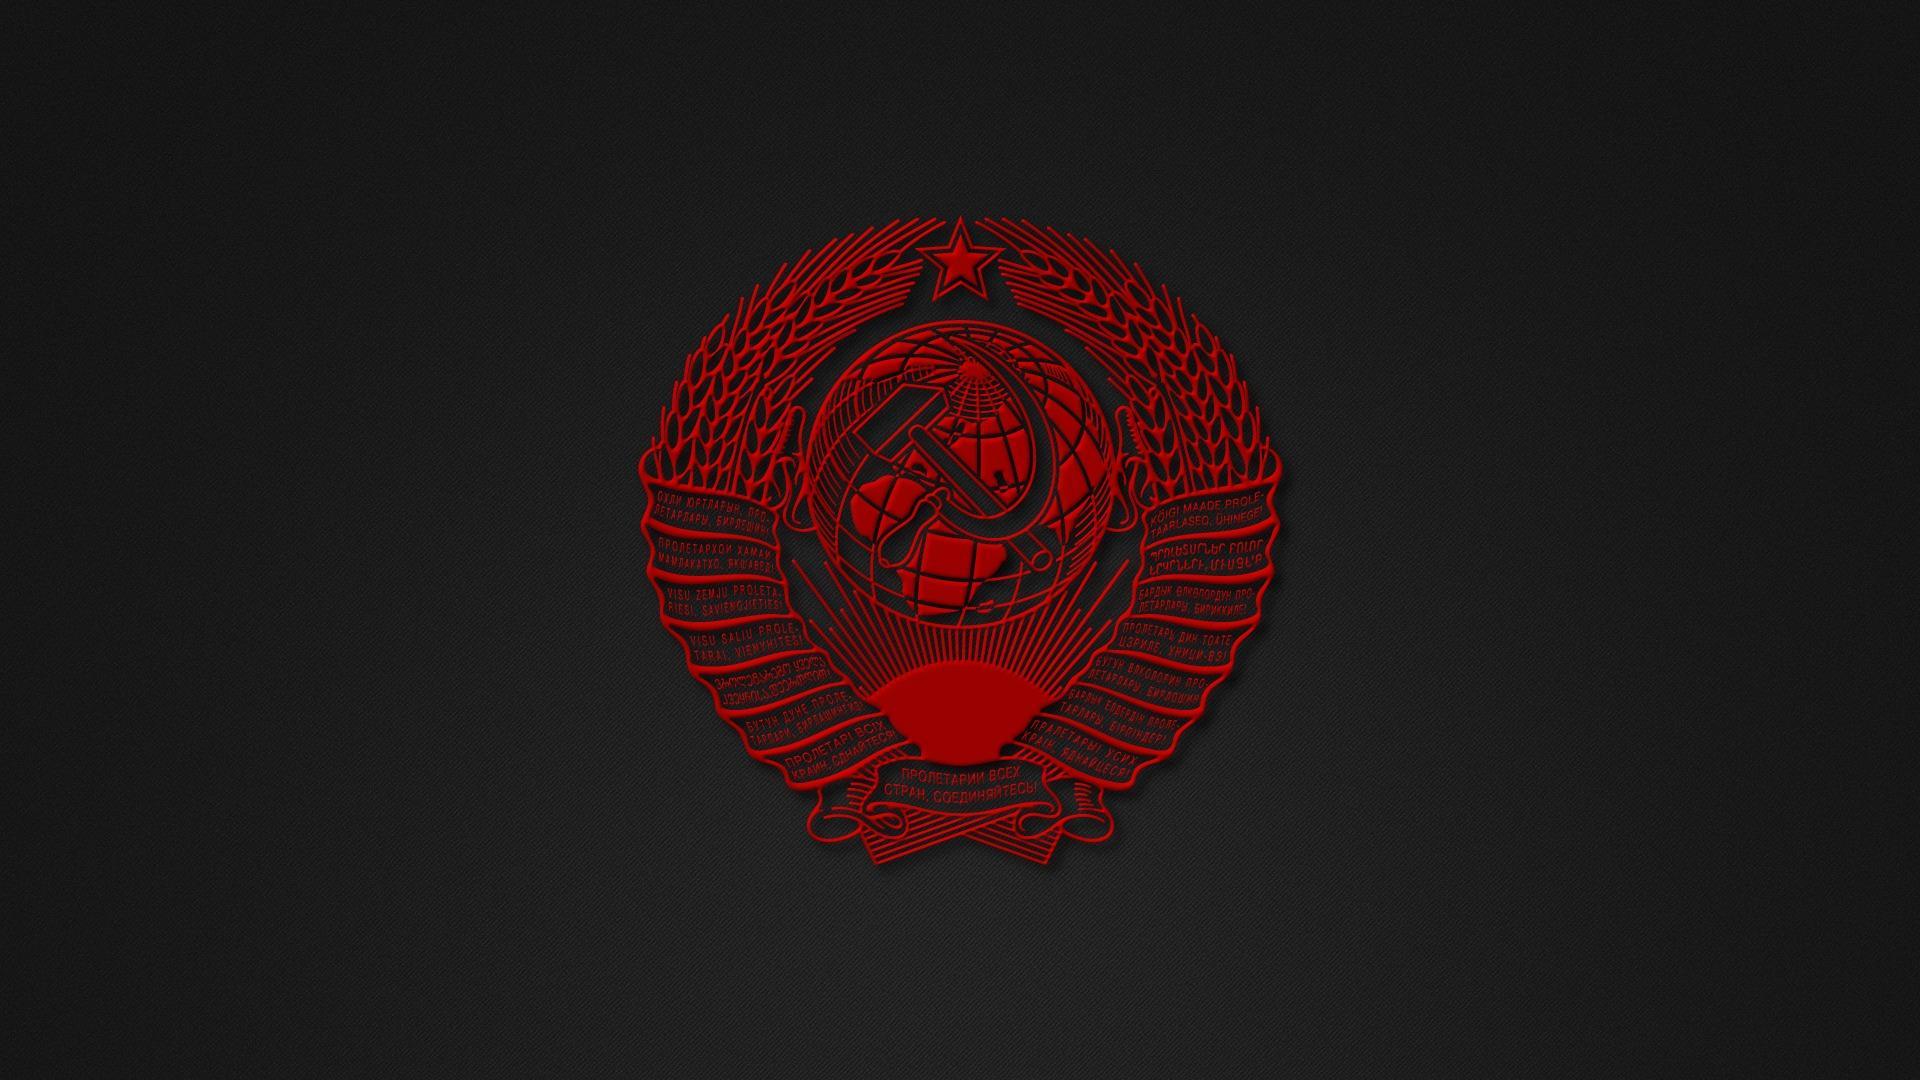 ТАСС - Телеграфное Агентство Советского Союза